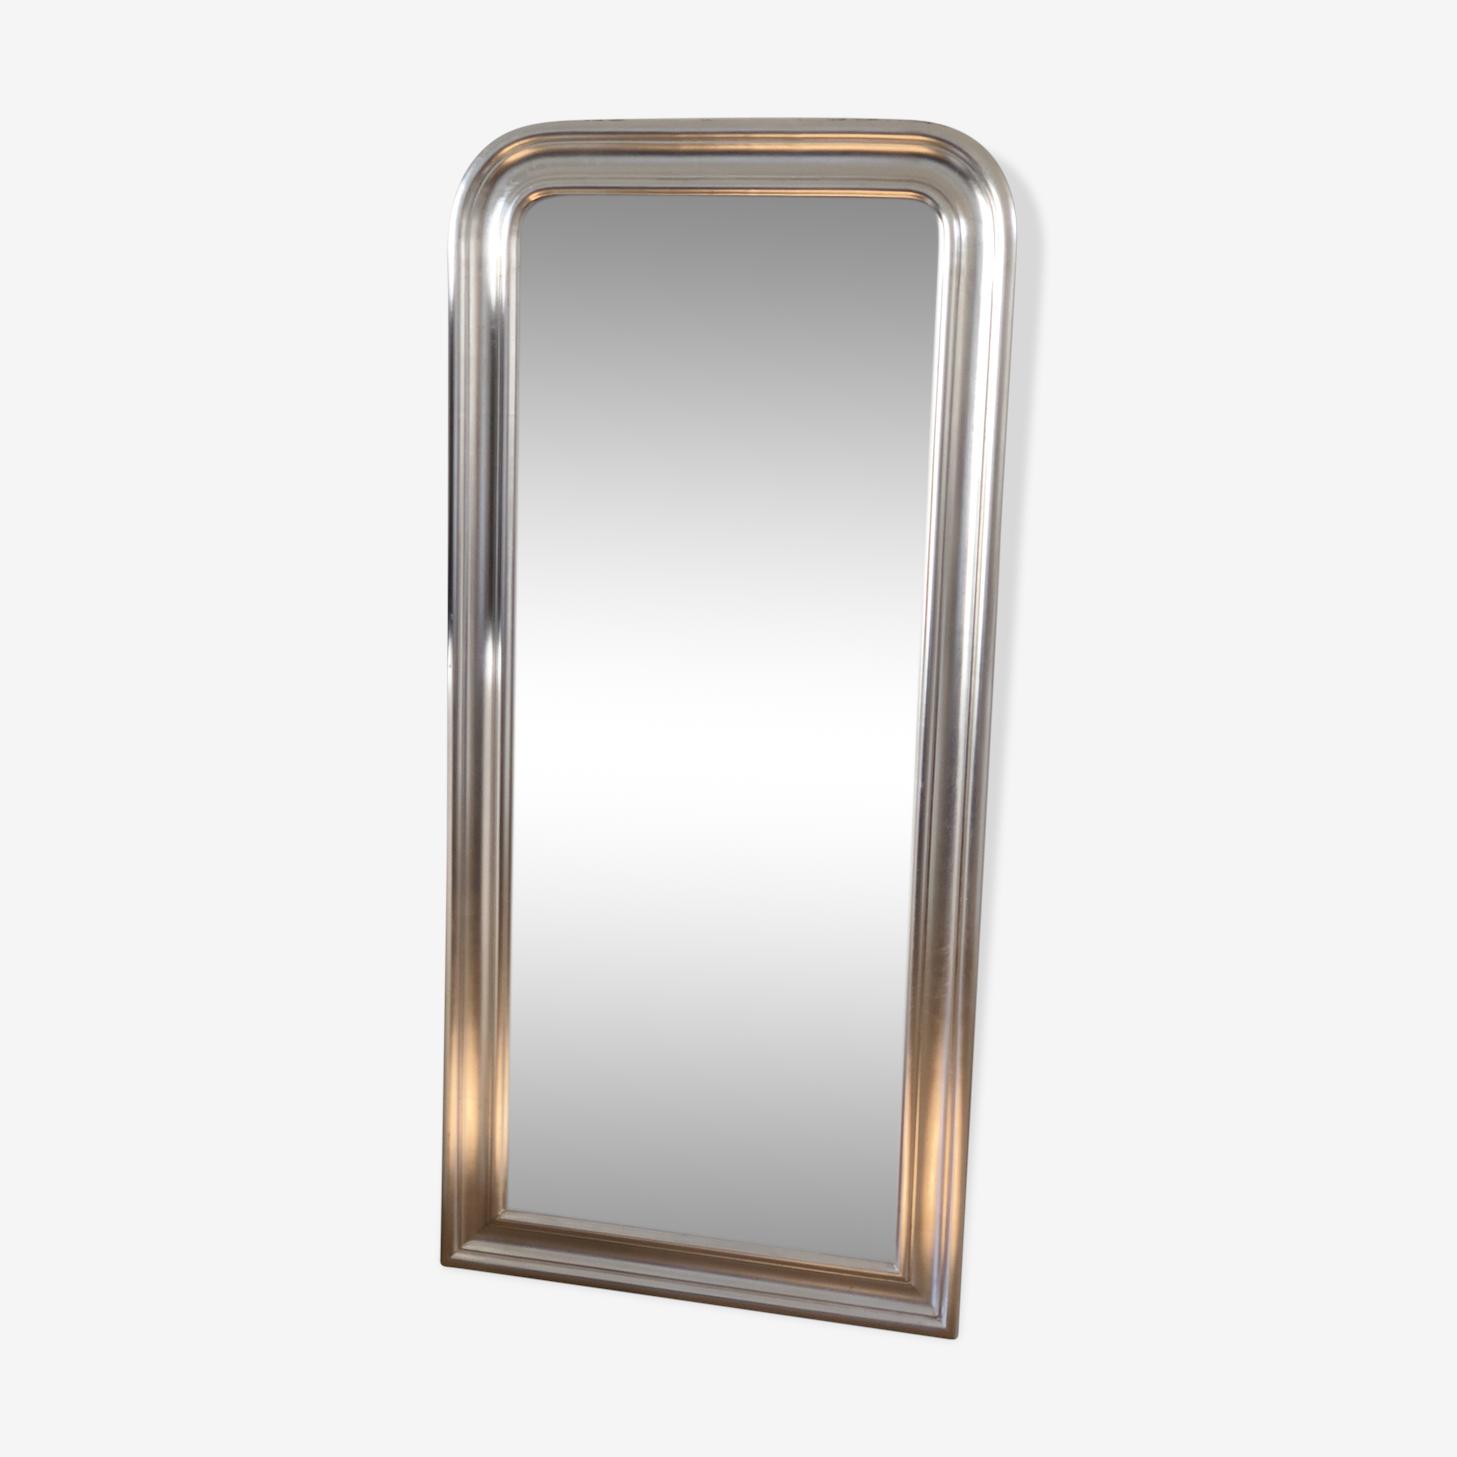 Miroir style Louis Philippe en bois argenté 70x150cm